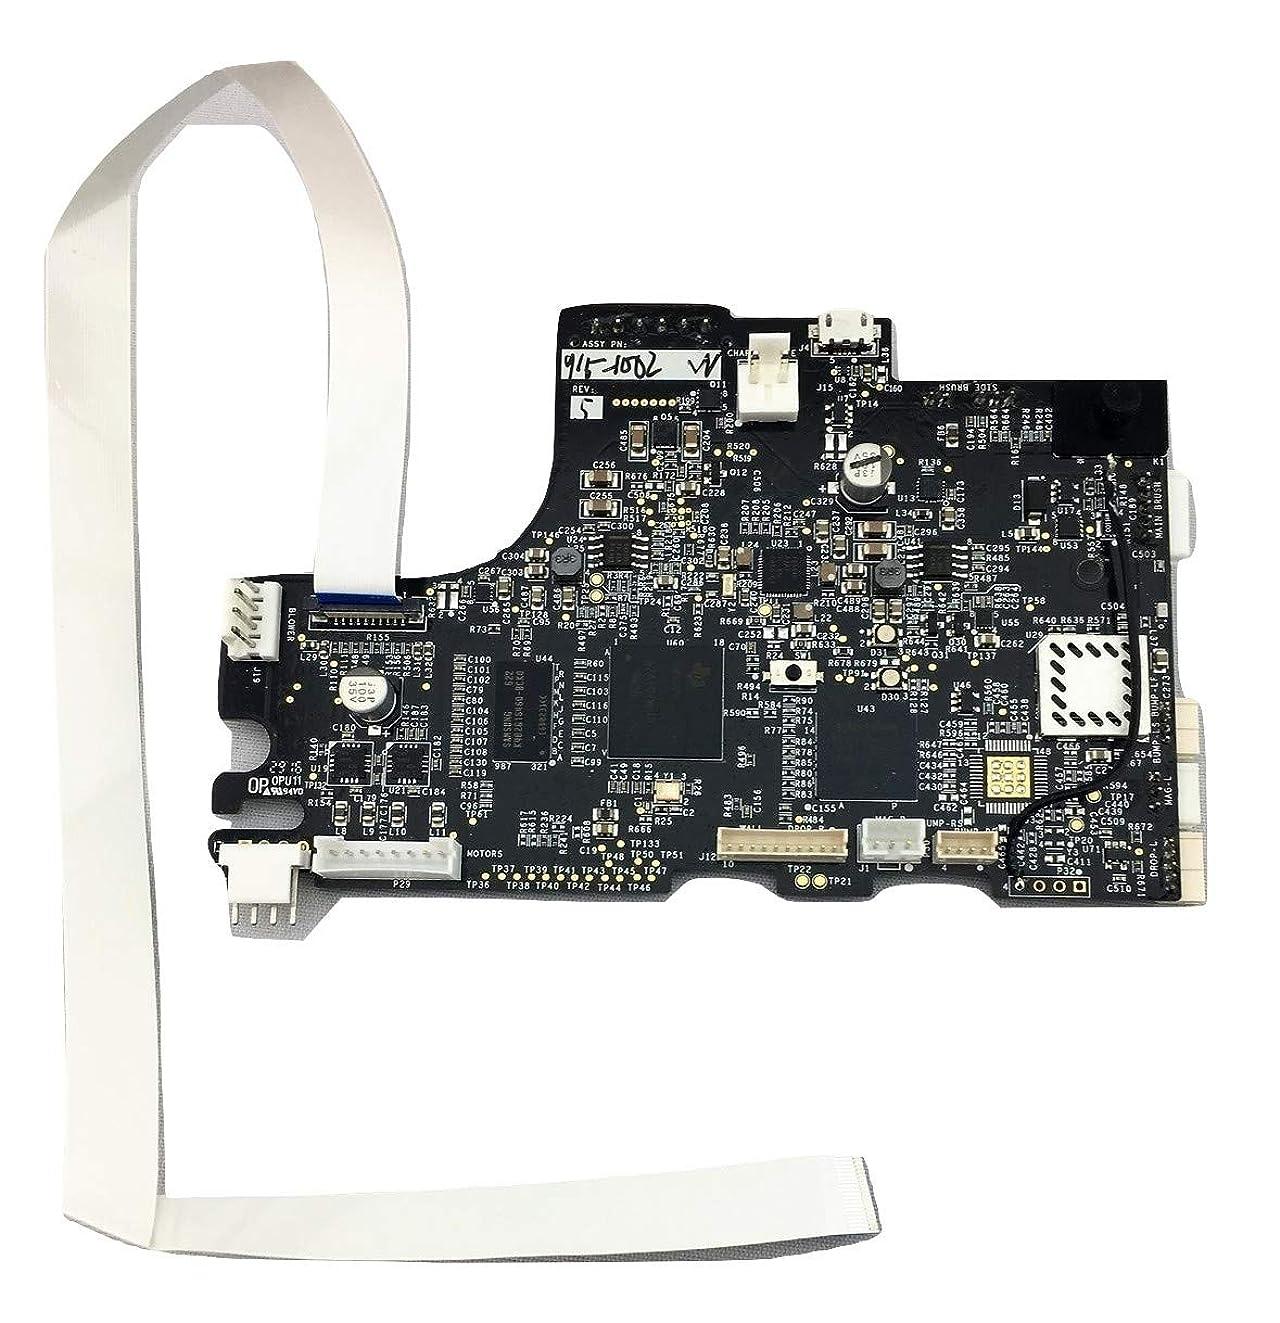 ファイアル友情線Neato Botvac d3メインボードマザーボードPCB MCU接続WiFi RF